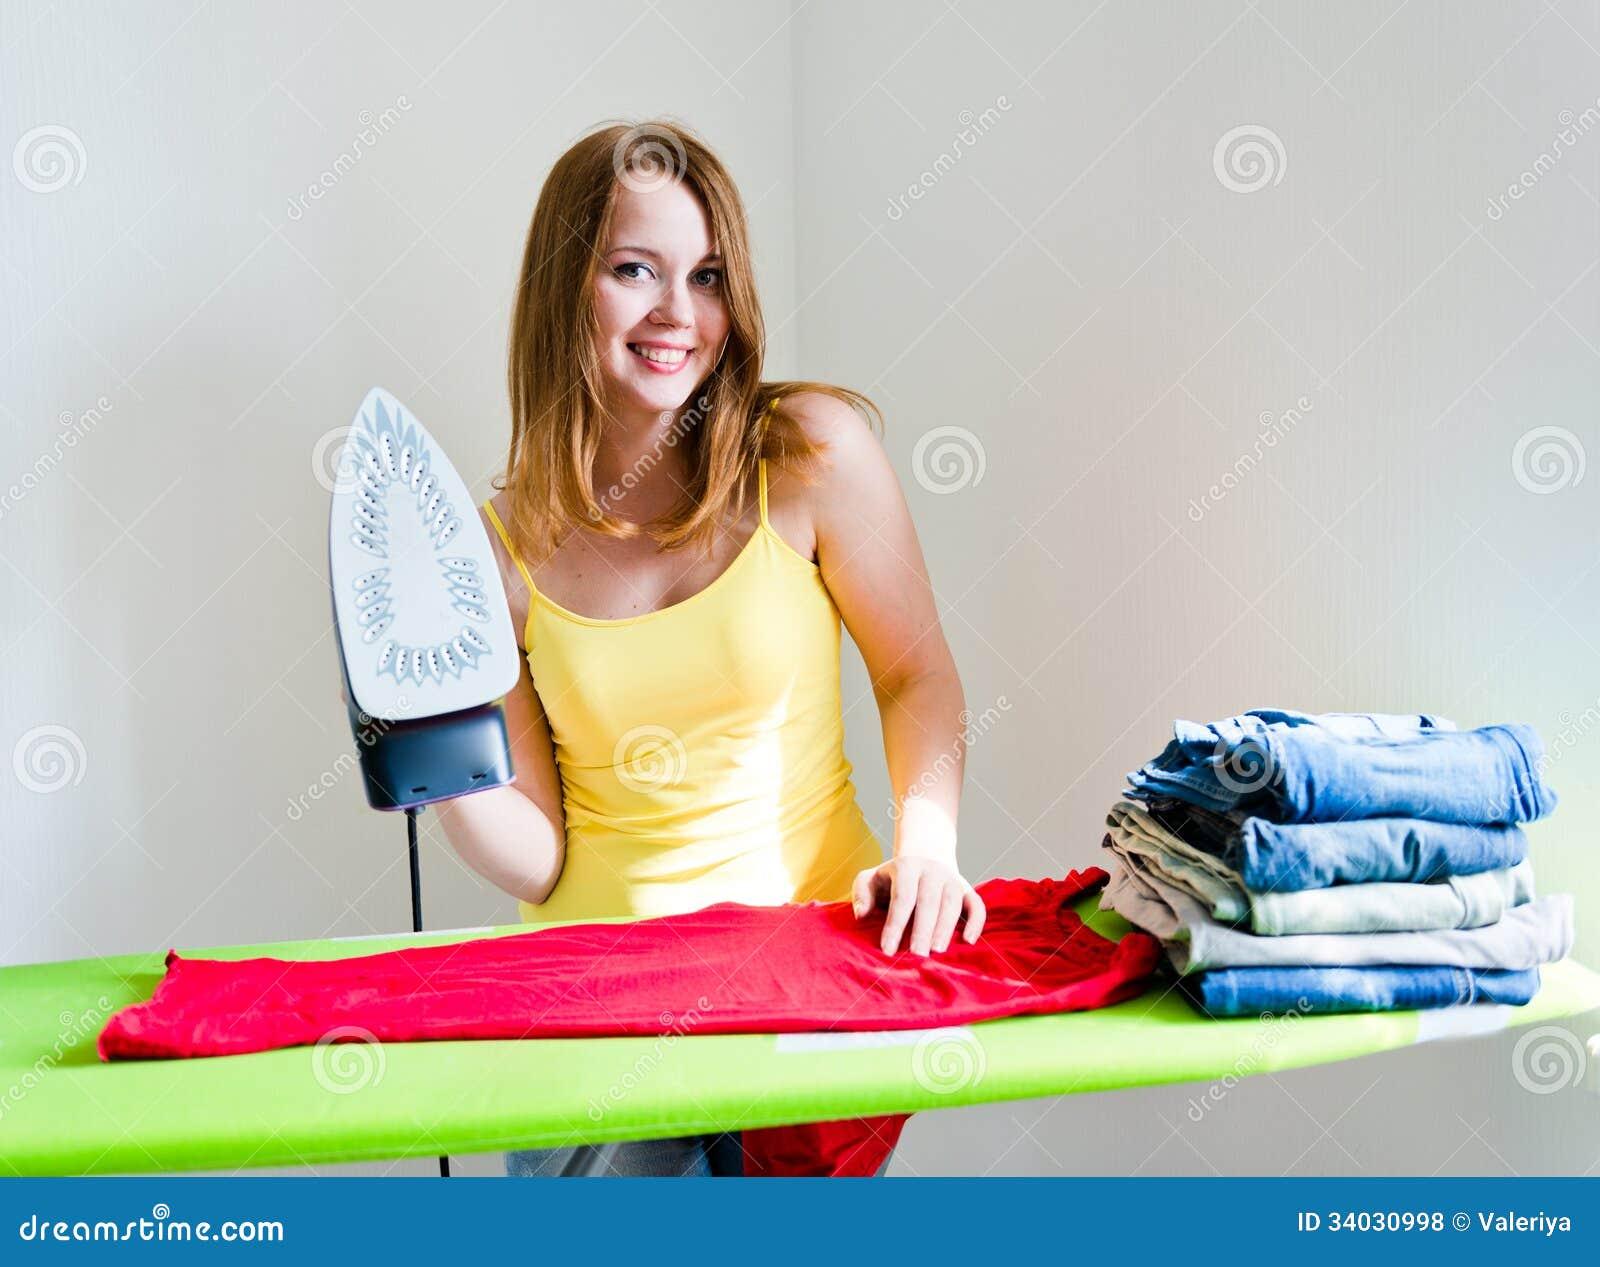 Девушка гладит фото